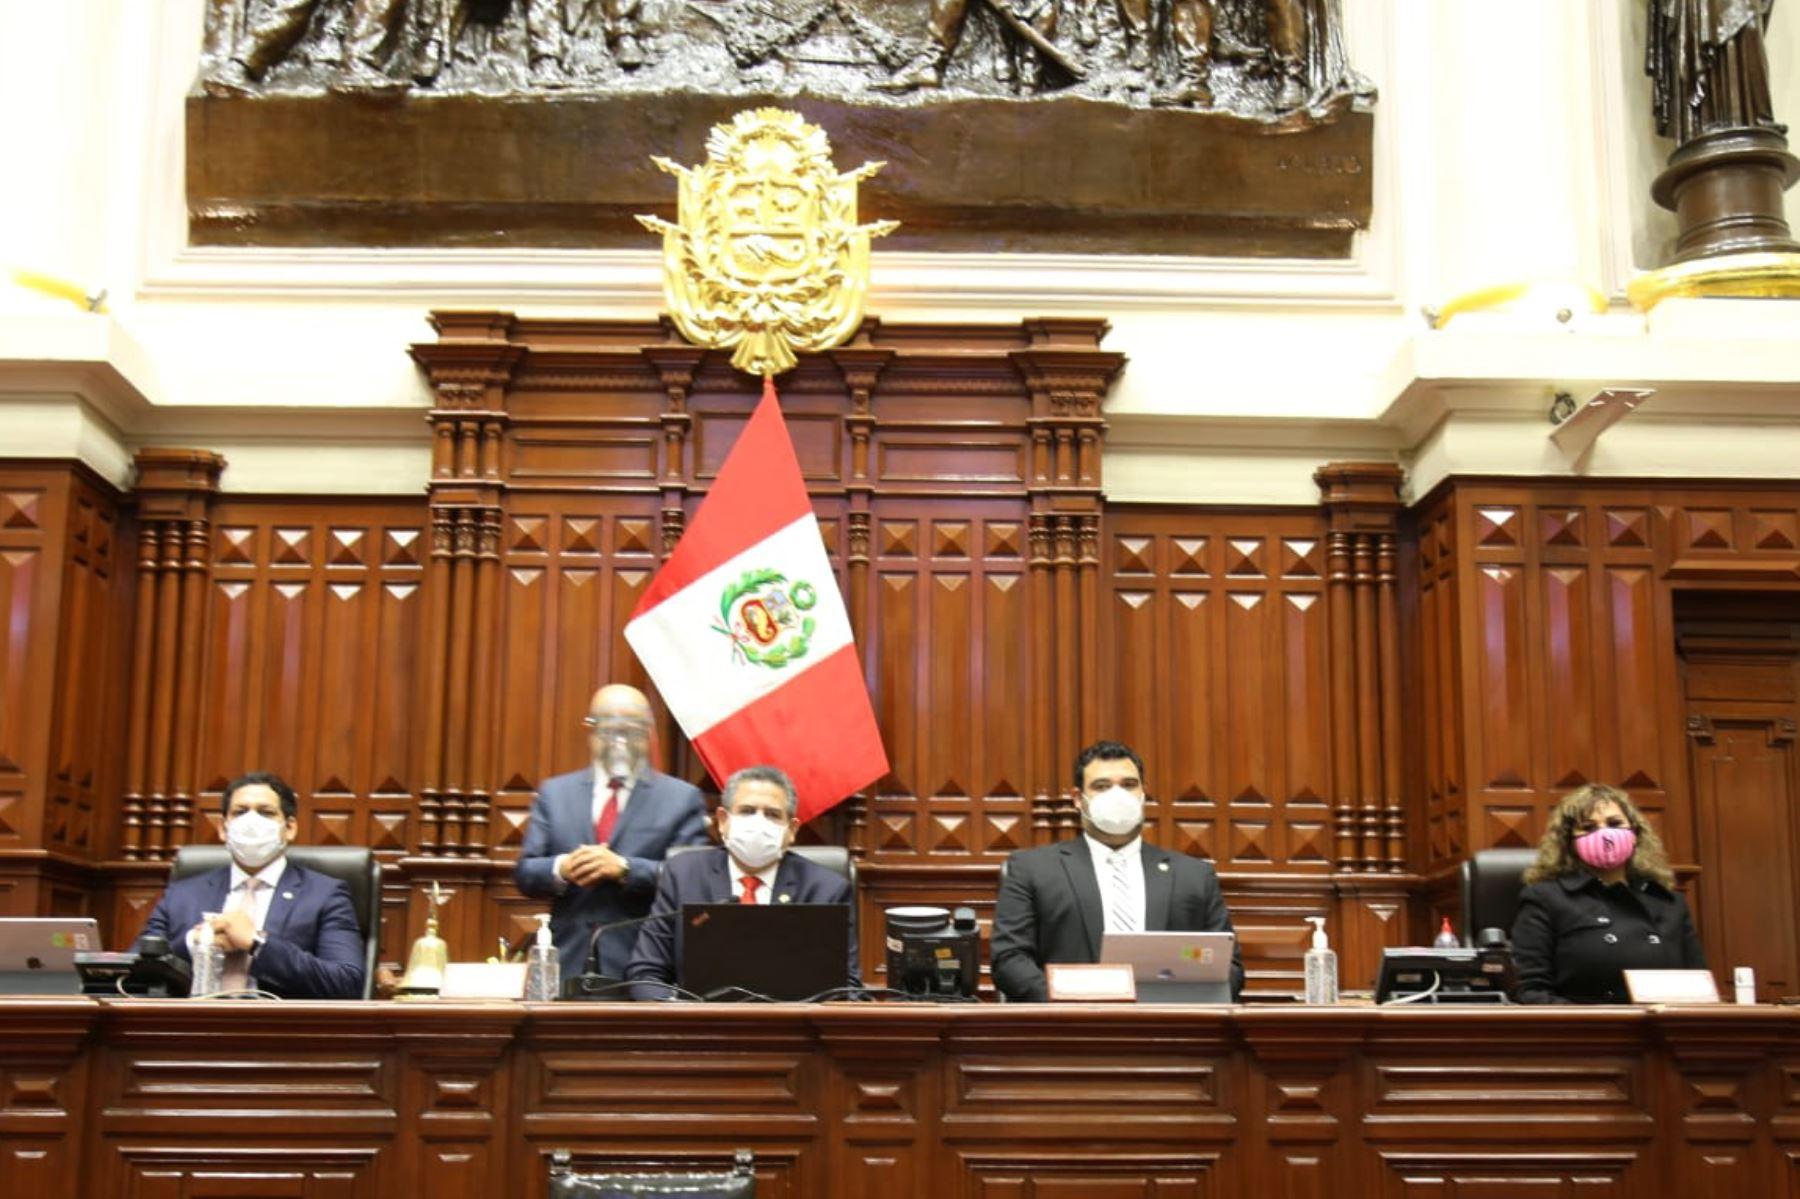 Condenamos el golpe de Estado asestado por el Congreso contra el orden constitucional